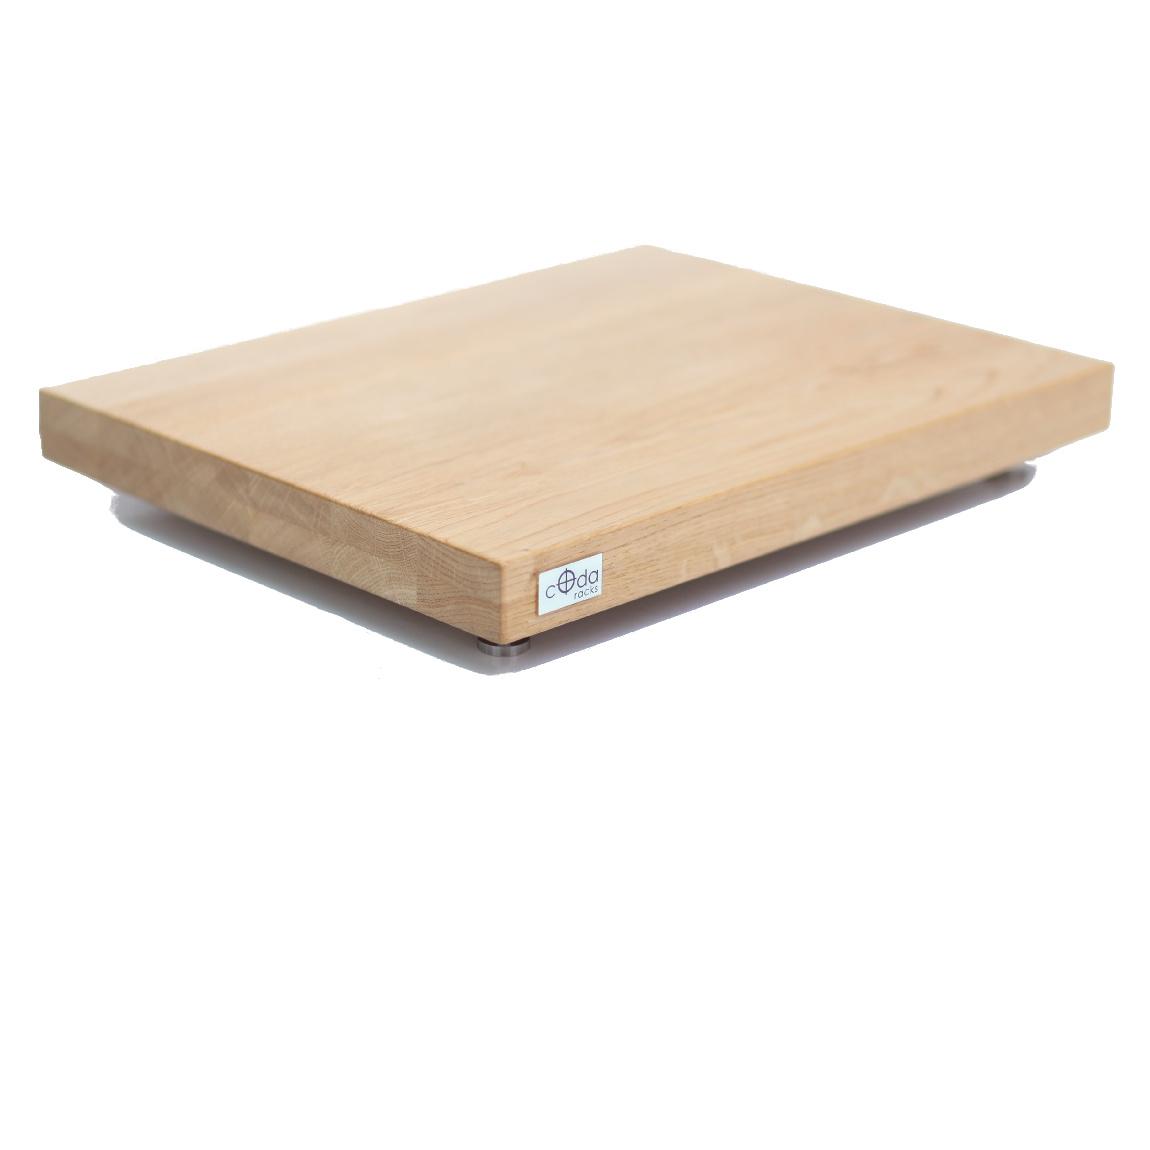 Аксессуары для мебели Coda racks, арт: 161465 - Аксессуары для мебели